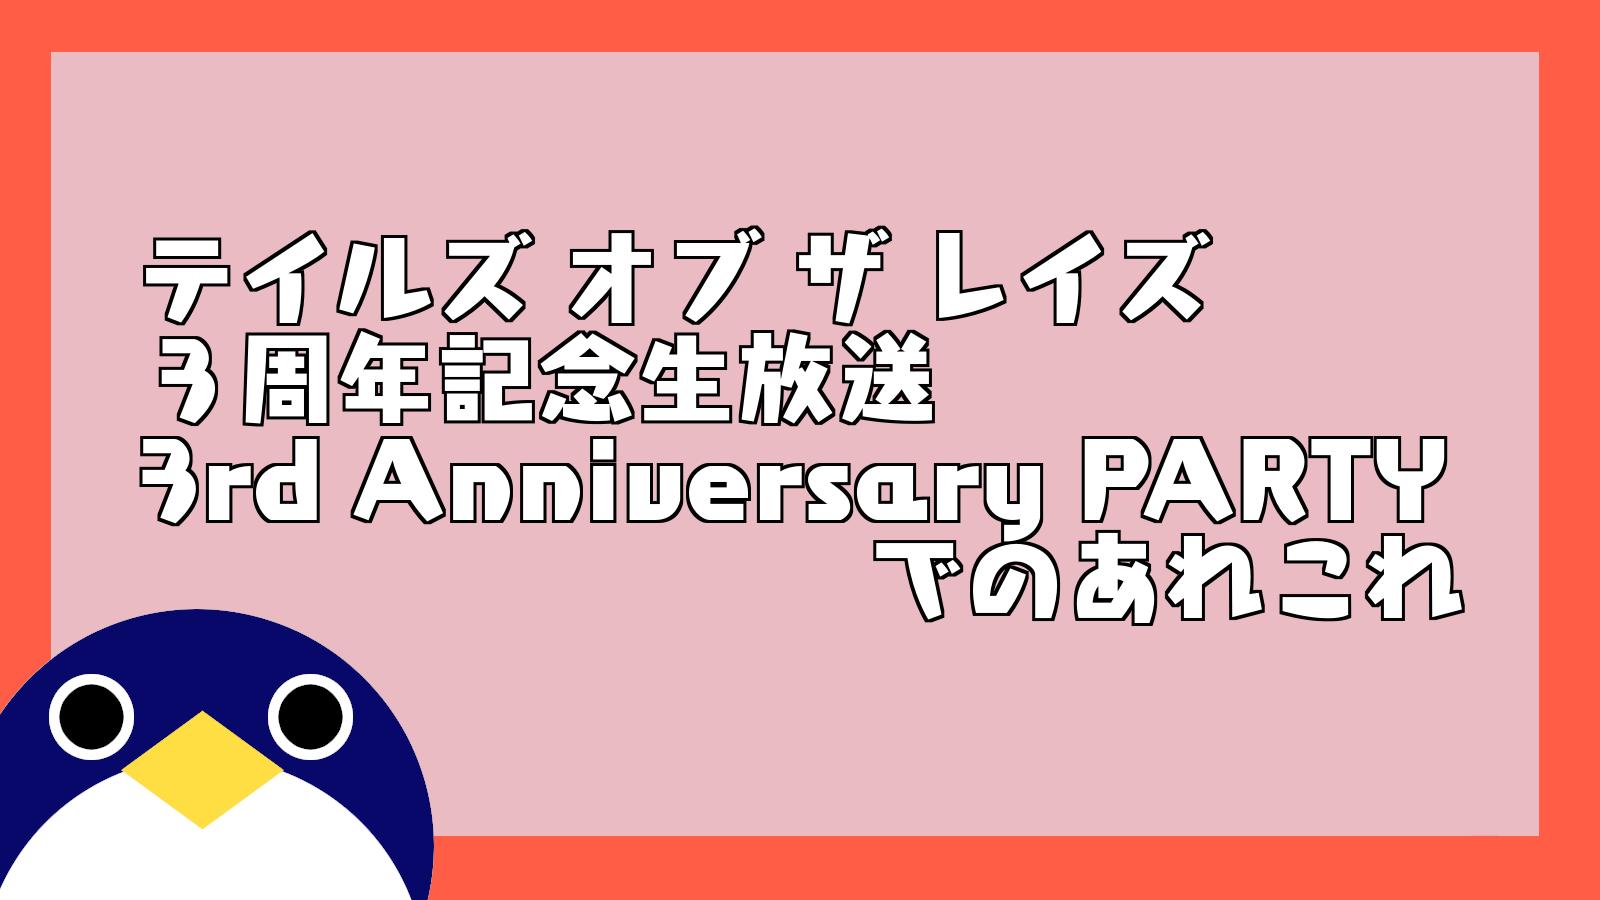 テイルズ オブ ザ レイズ 3周年記念生放送 3rd Anniversary PARTY でのあれこれ